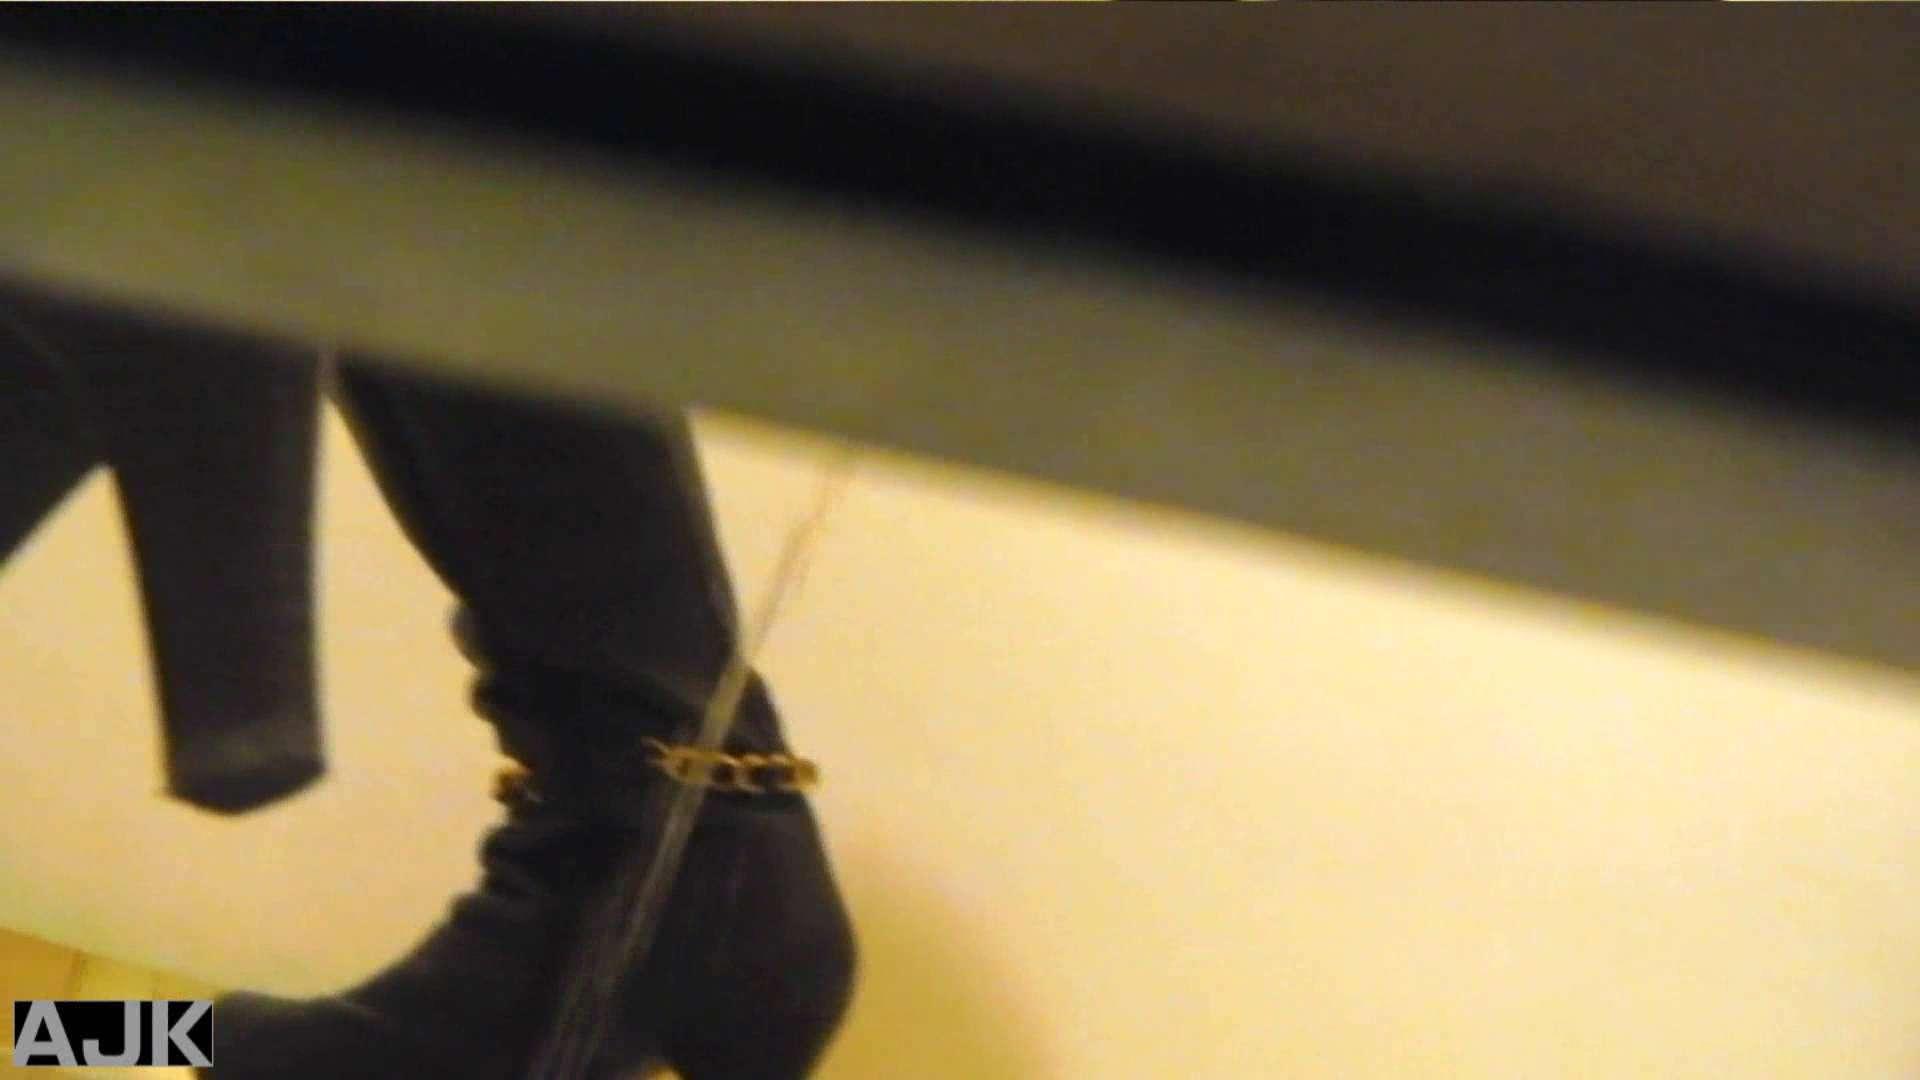 神降臨!史上最強の潜入かわや! vol.03 肛門丸見え AV無料動画キャプチャ 95pic 34